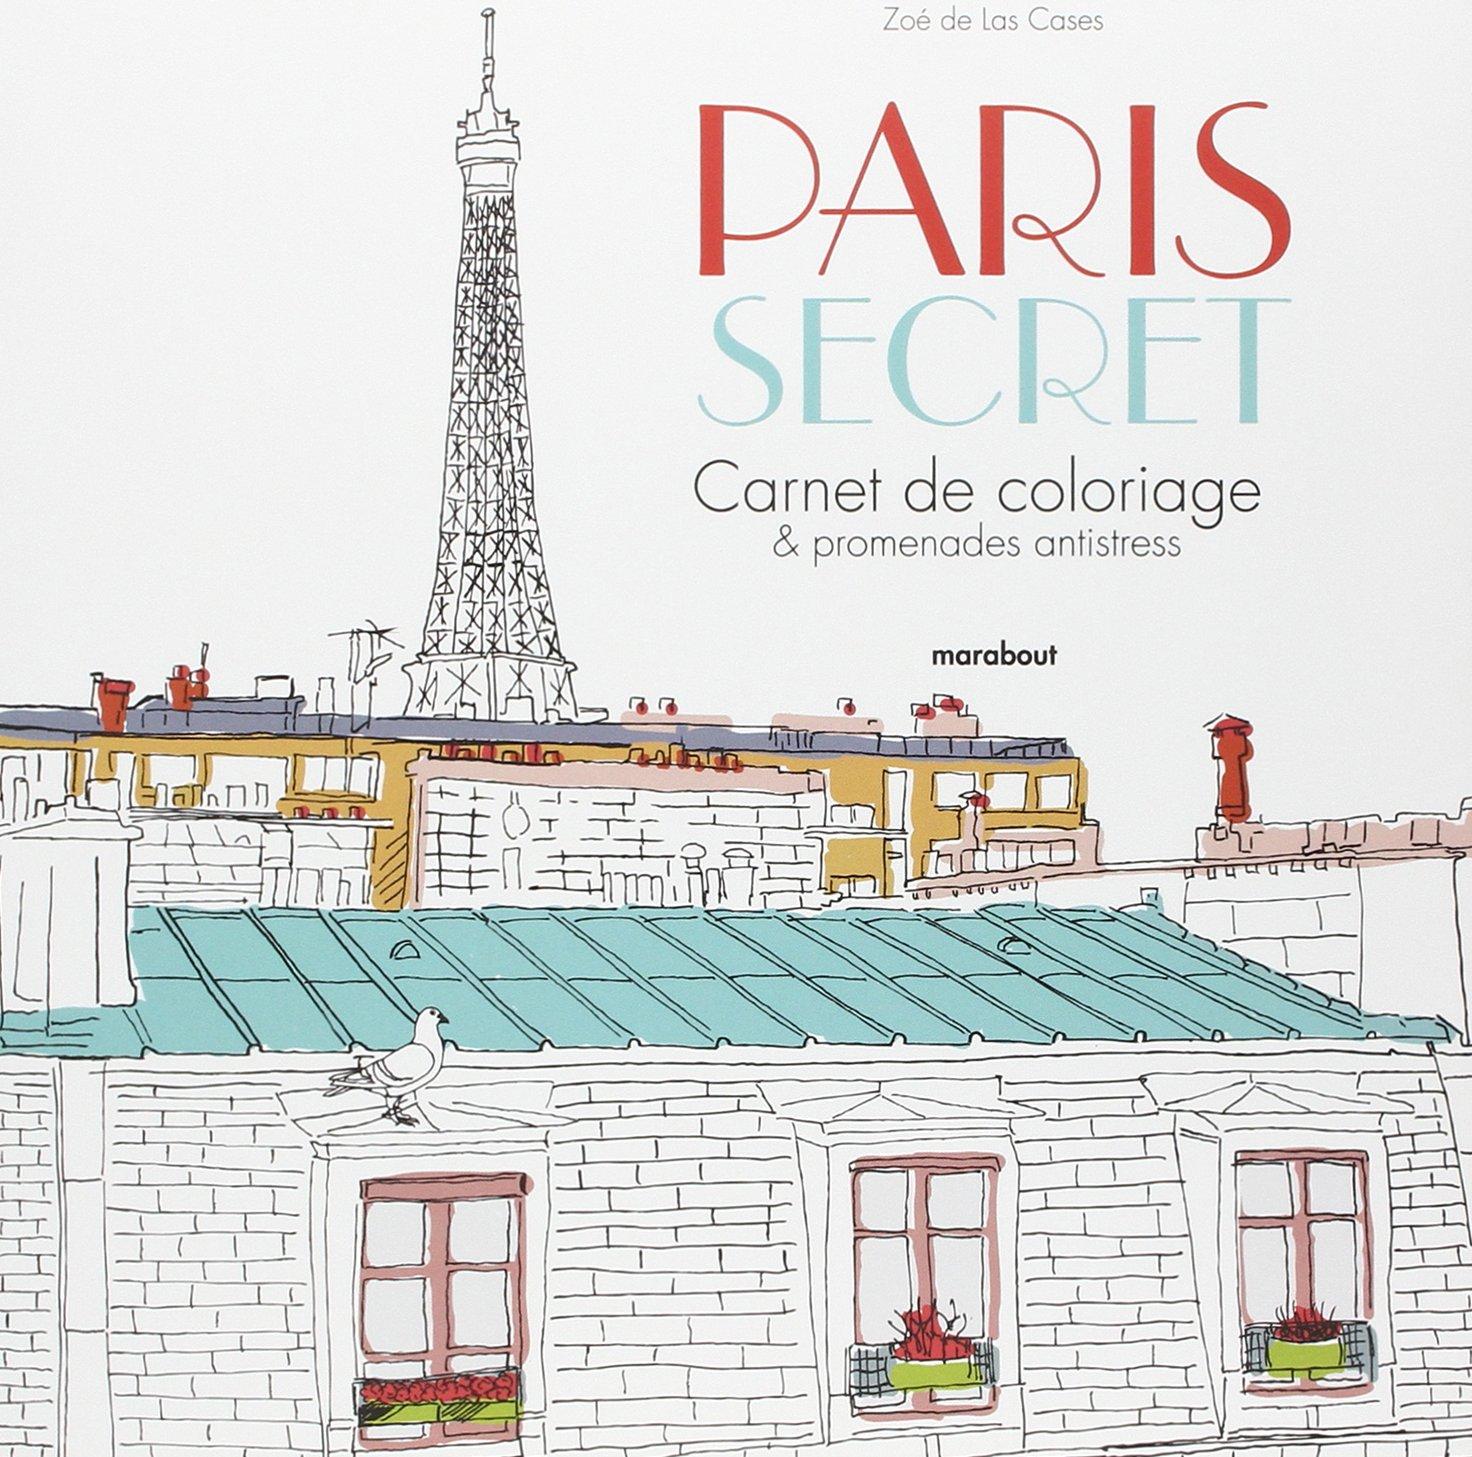 Amazon Paris secret Carnet de coloriage & promenade anti stress Zoé de Las Cases Livres